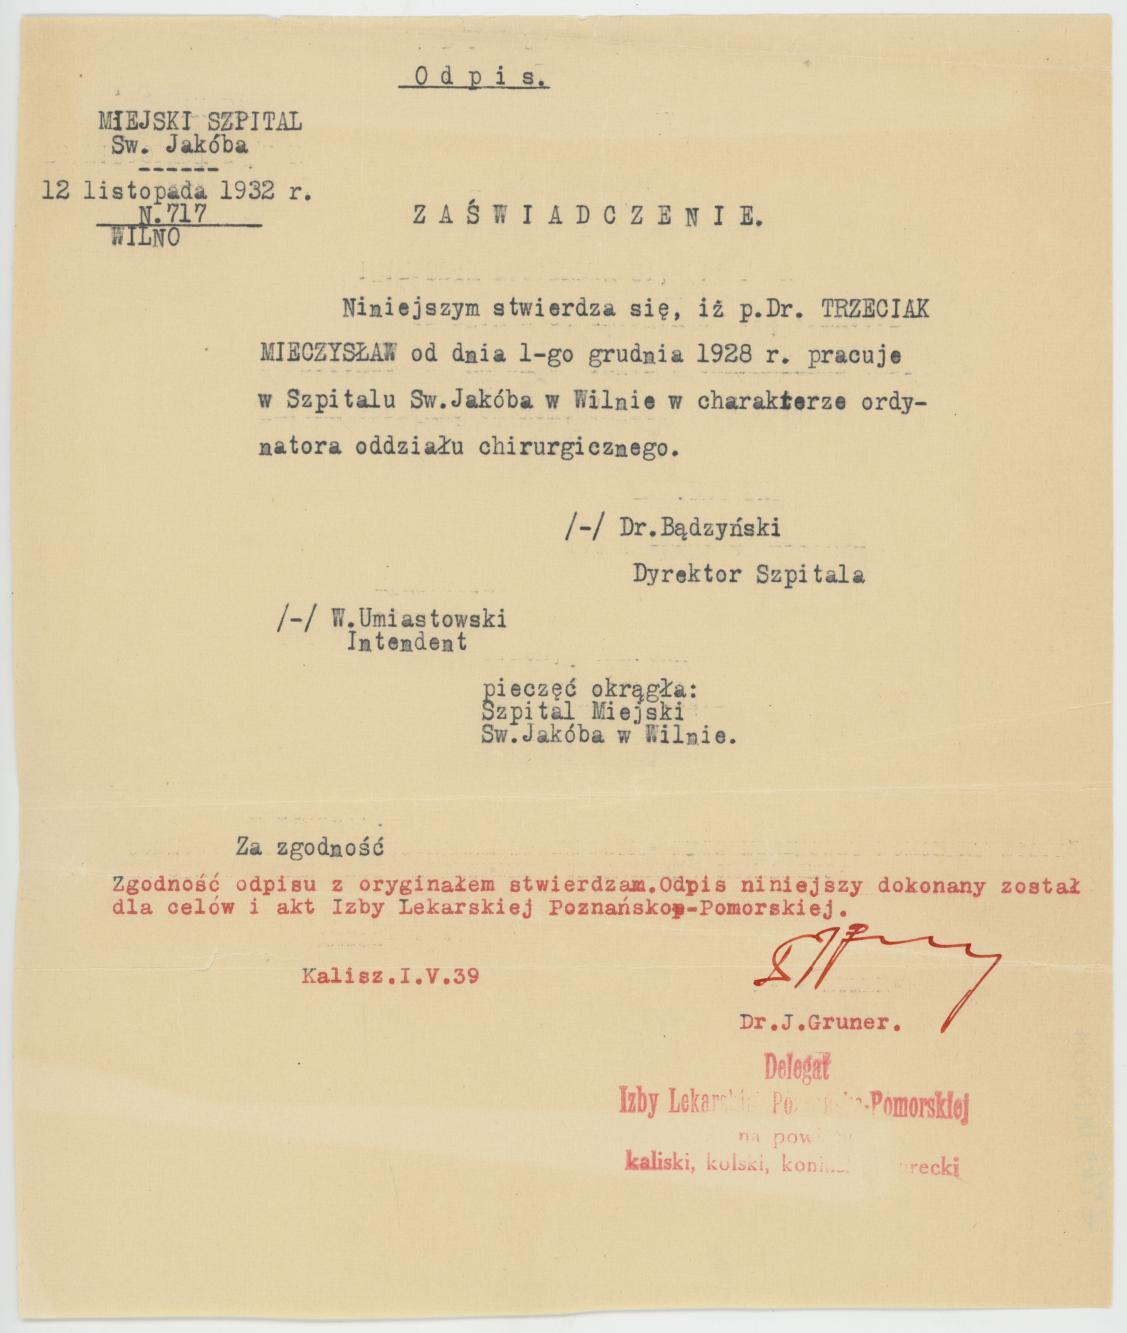 Zaświadczenie o pracy Mieczysława Trzeciaka w Szpitalu św. Jakuba w Wilnie